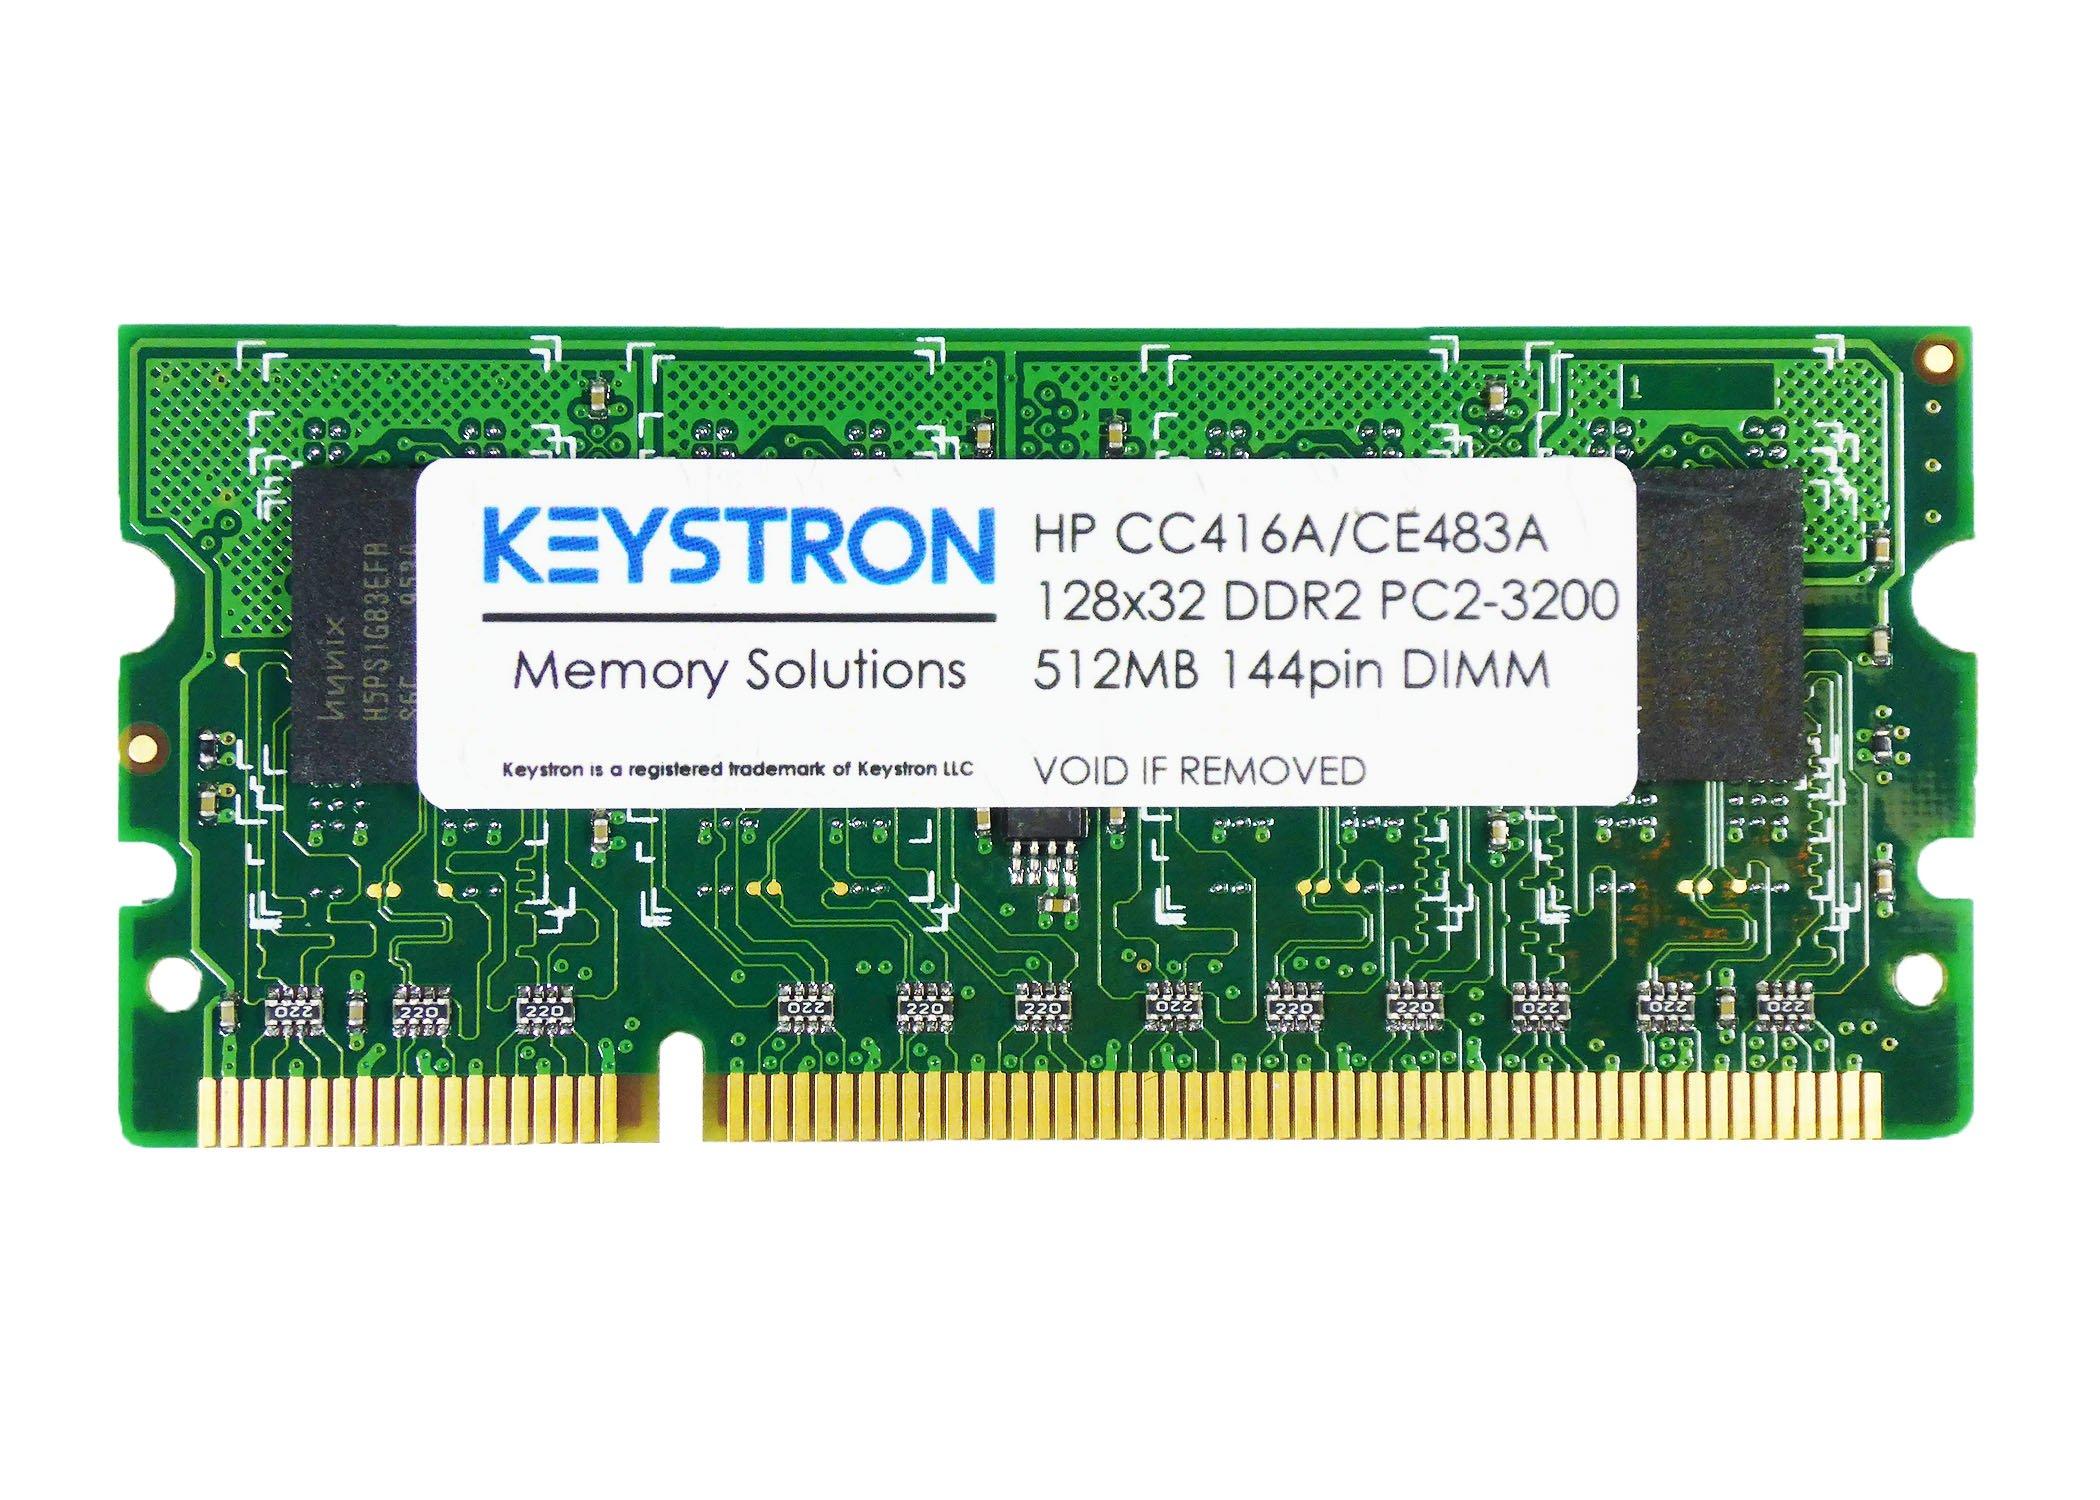 512MB 144pin DDR2 x32 Memory DIMM for HP LaserJet Enterprise 600 printer M601 series M601n, M601dn